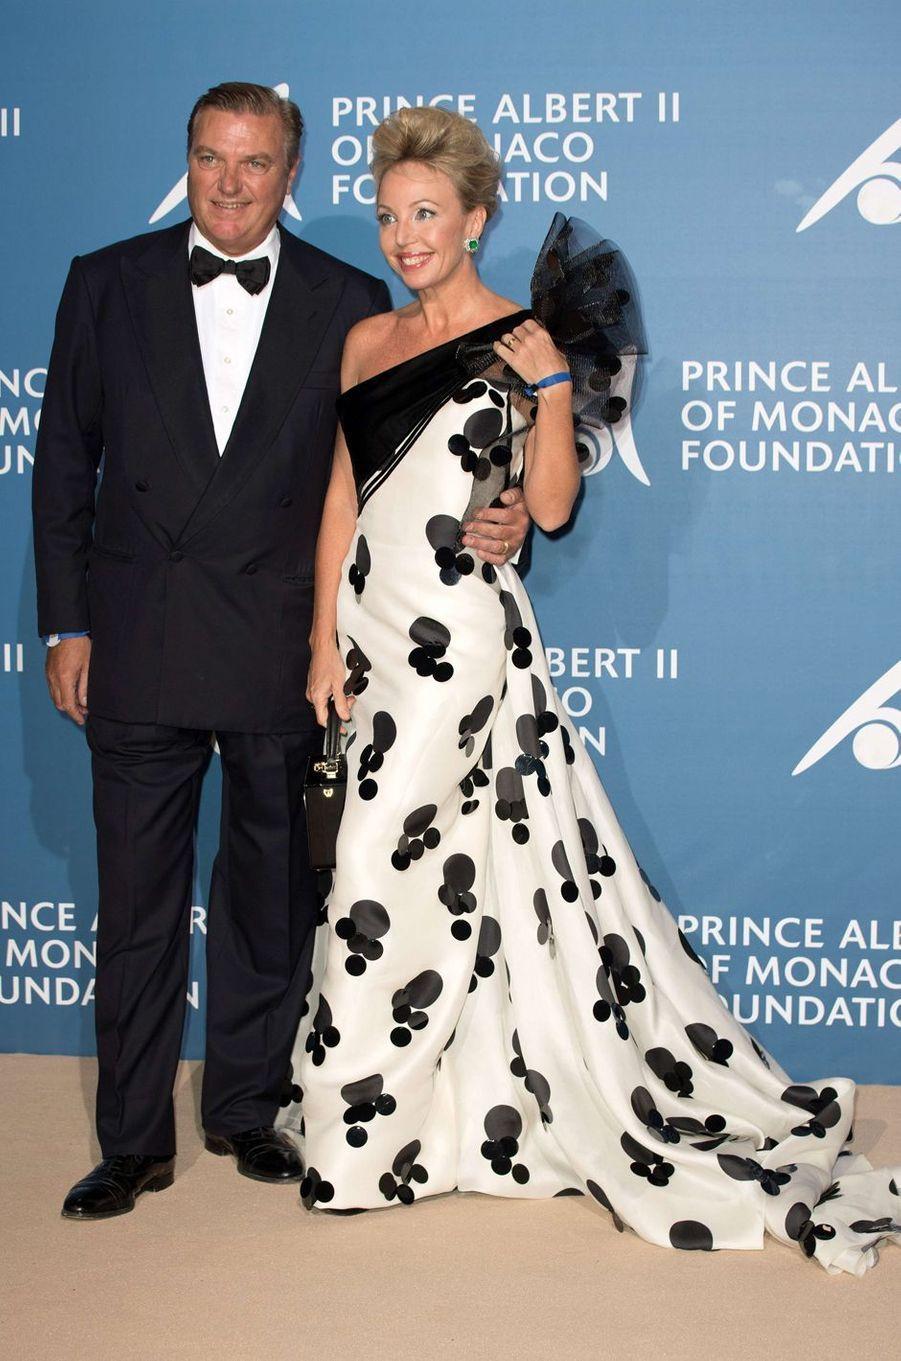 La princesse Camilla et le prince Charles de Bourbon des Deux Siciles au Monte-Carlo Gala pour l'Océan à Monaco, le 28 septembre 2017